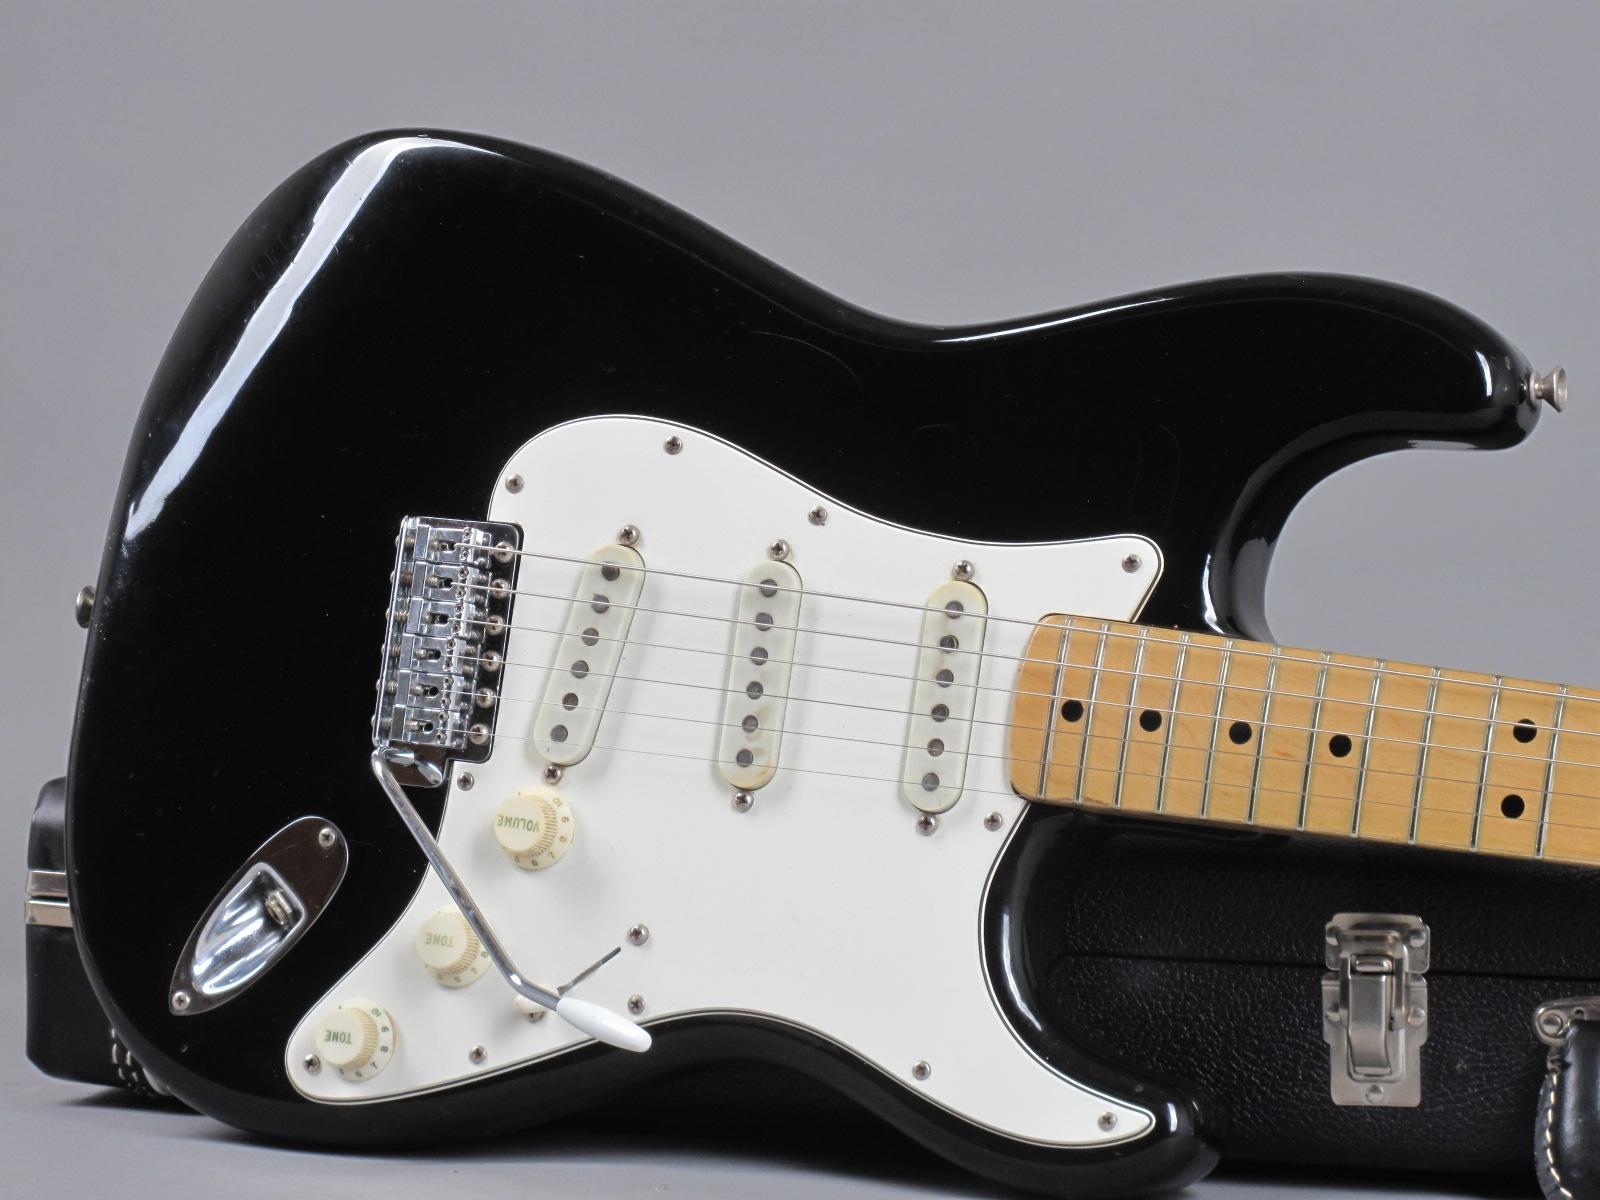 https://guitarpoint.de/app/uploads/products/1974-fender-stratocaster-black-6/1975-Fender-Stratocaster-Black-575011_19.jpg